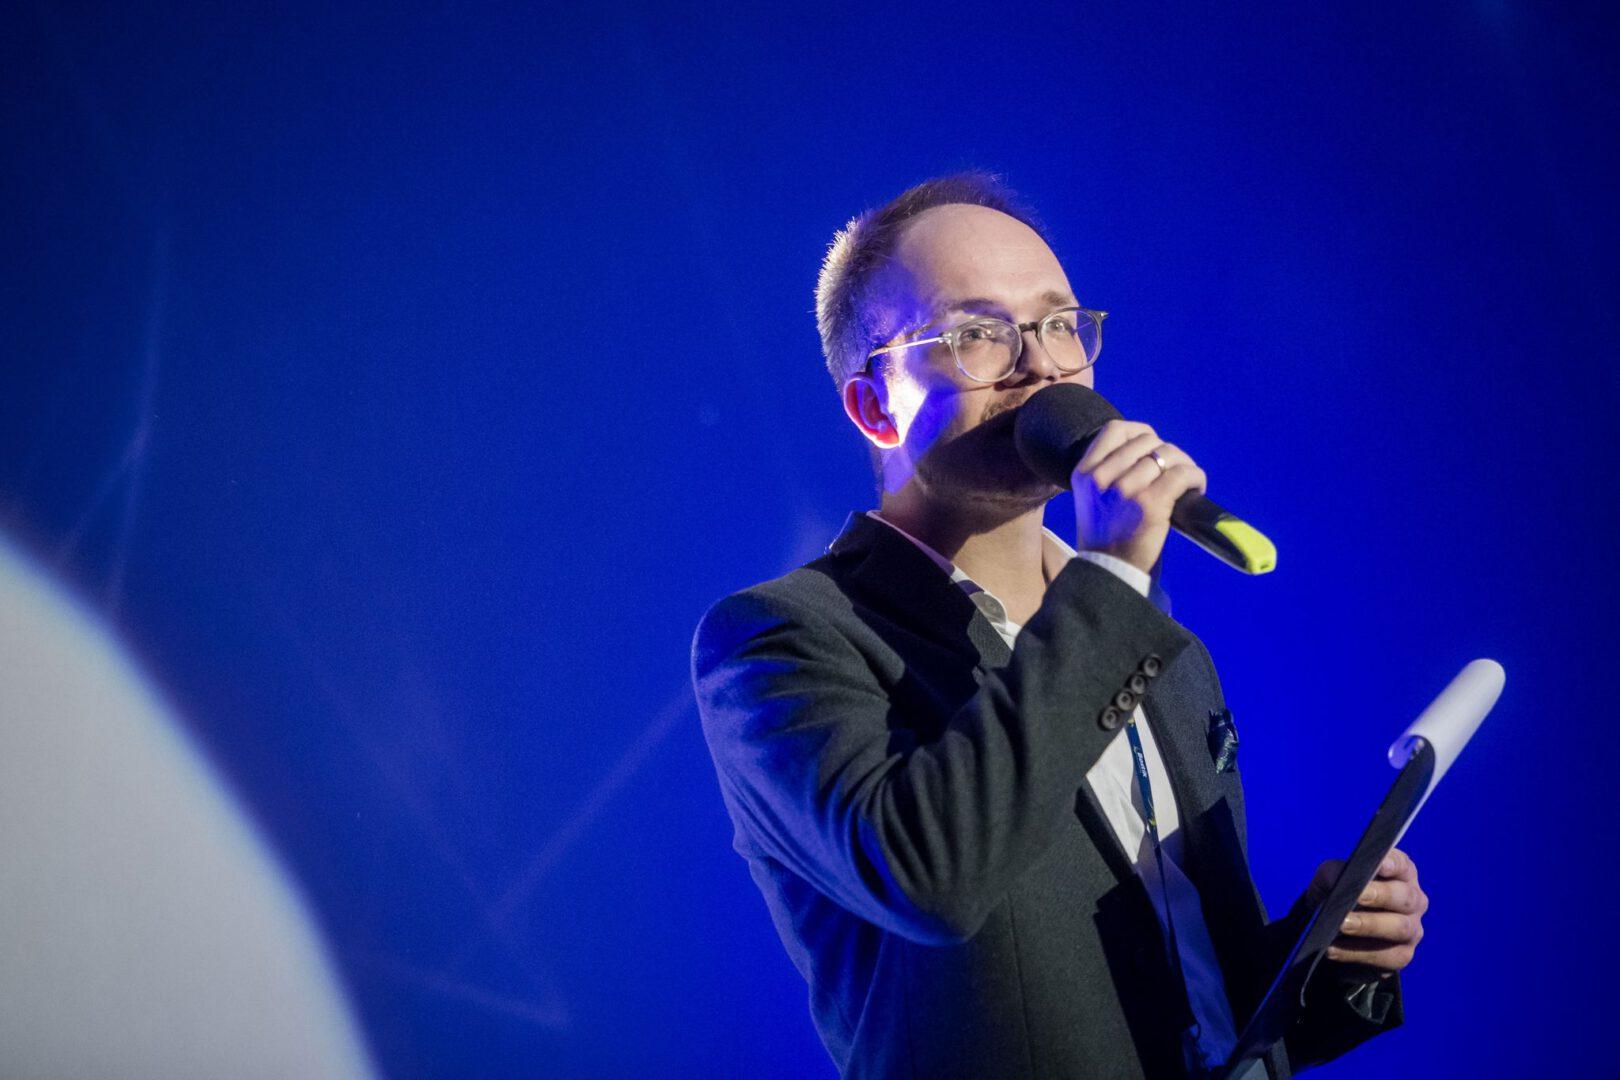 Konferansjer Mikołaj Basiński